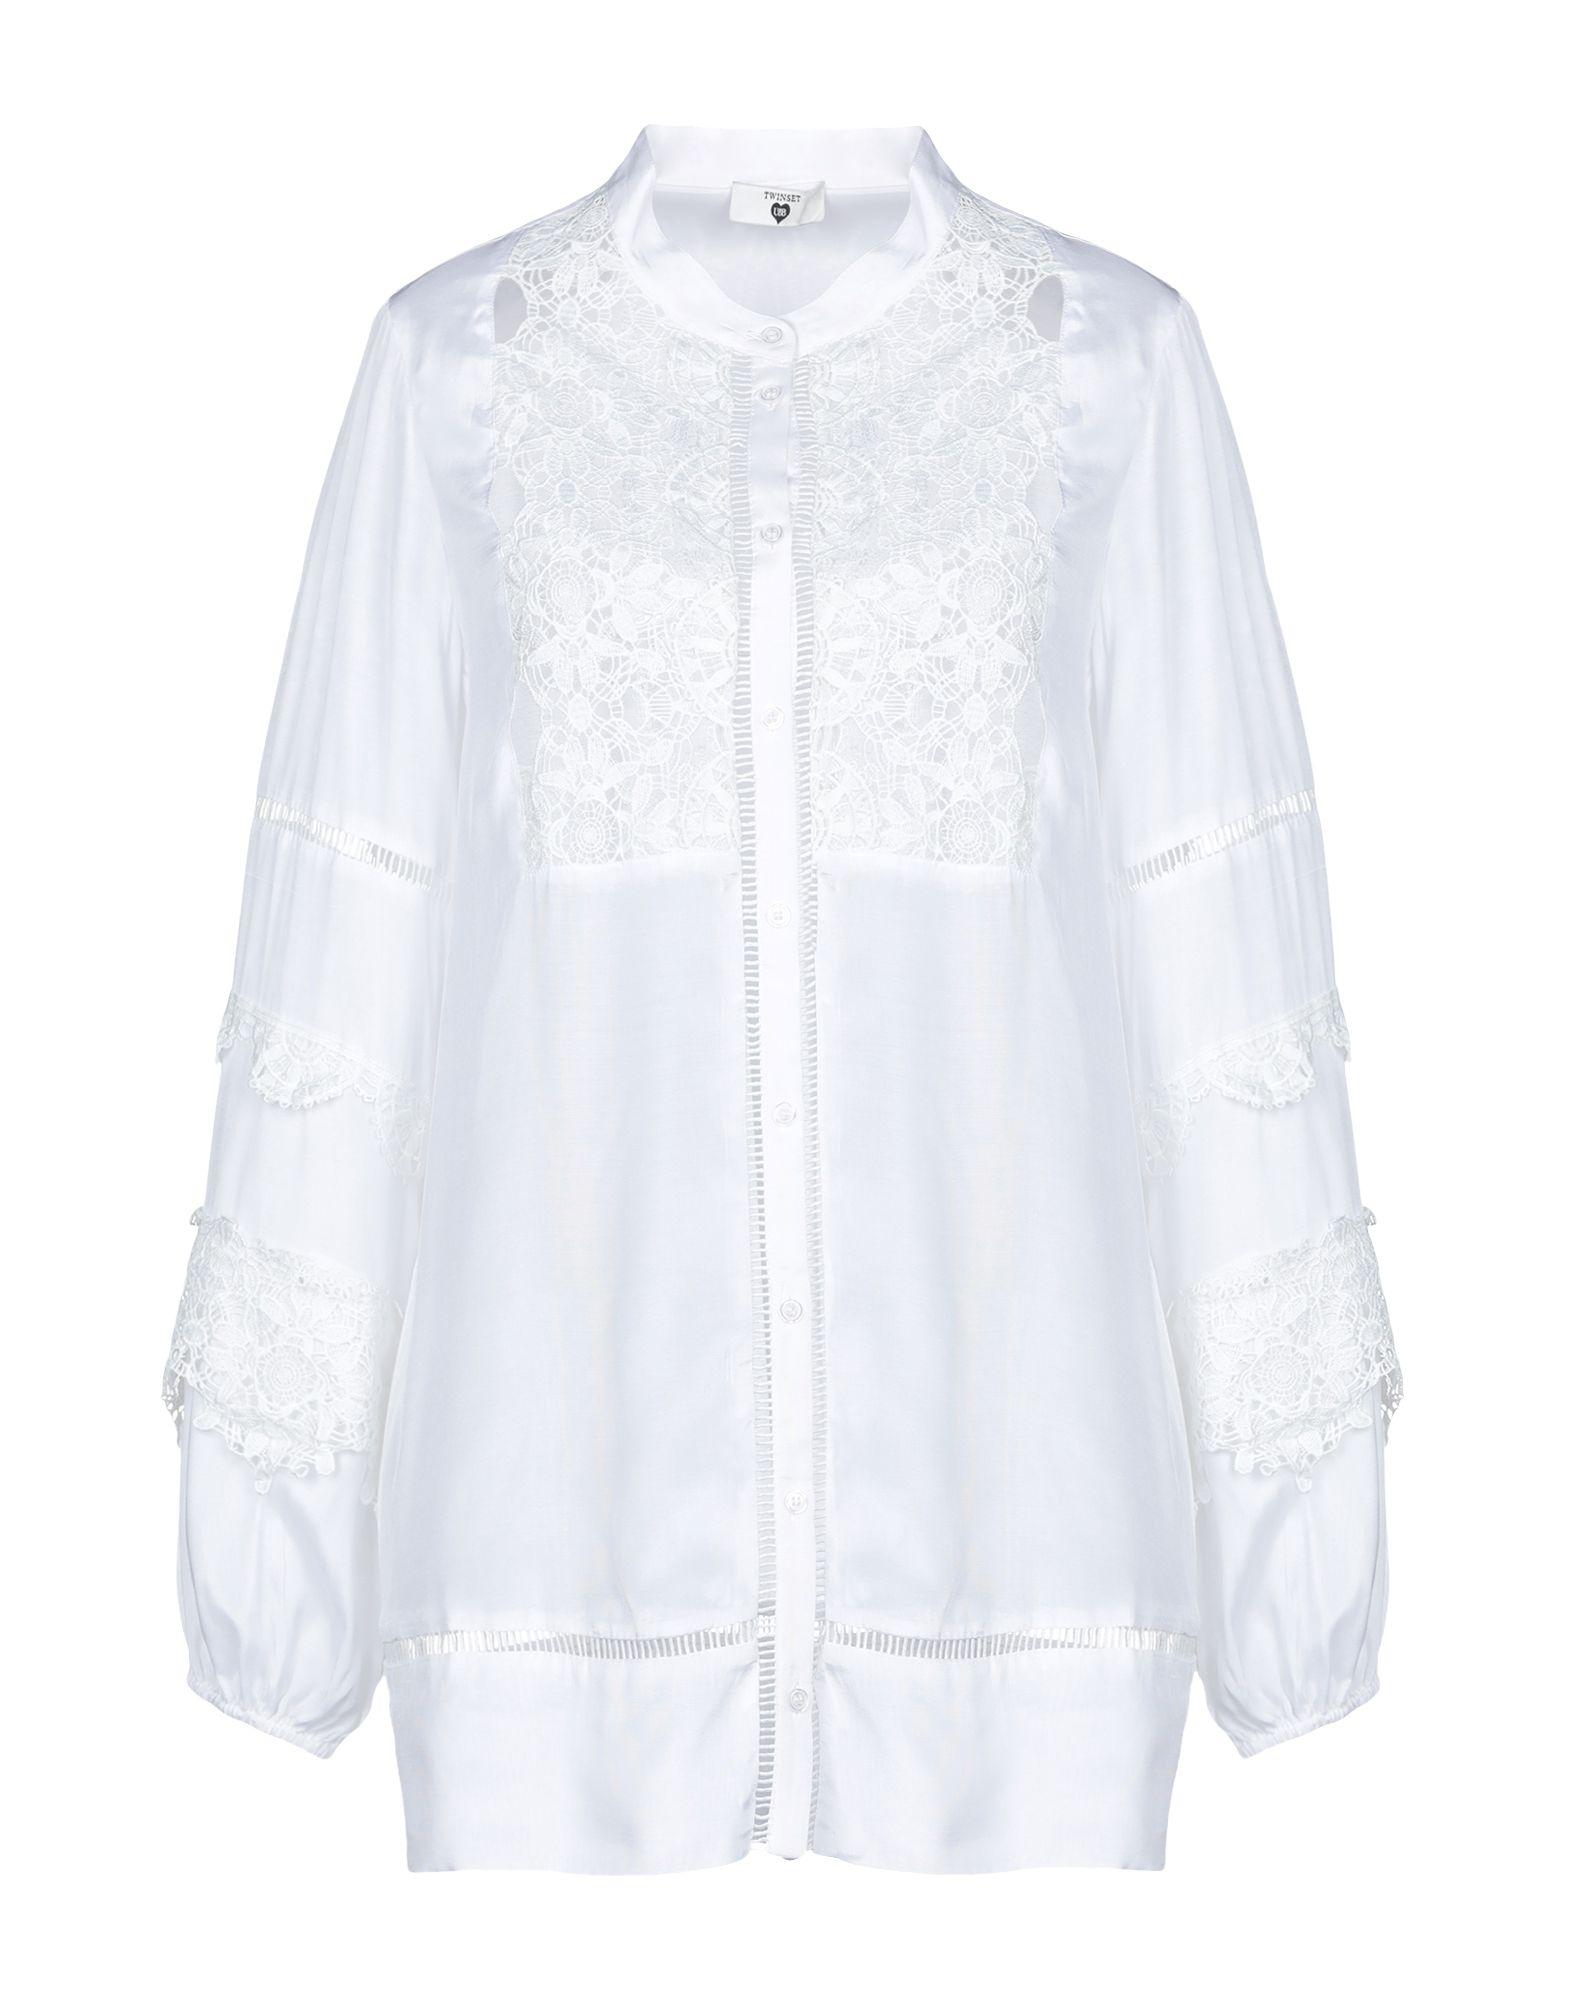 e93f60e5a1720c Twinset Lace Shirts & Blouses - Women Twinset Lace Shirts & Blouses ...